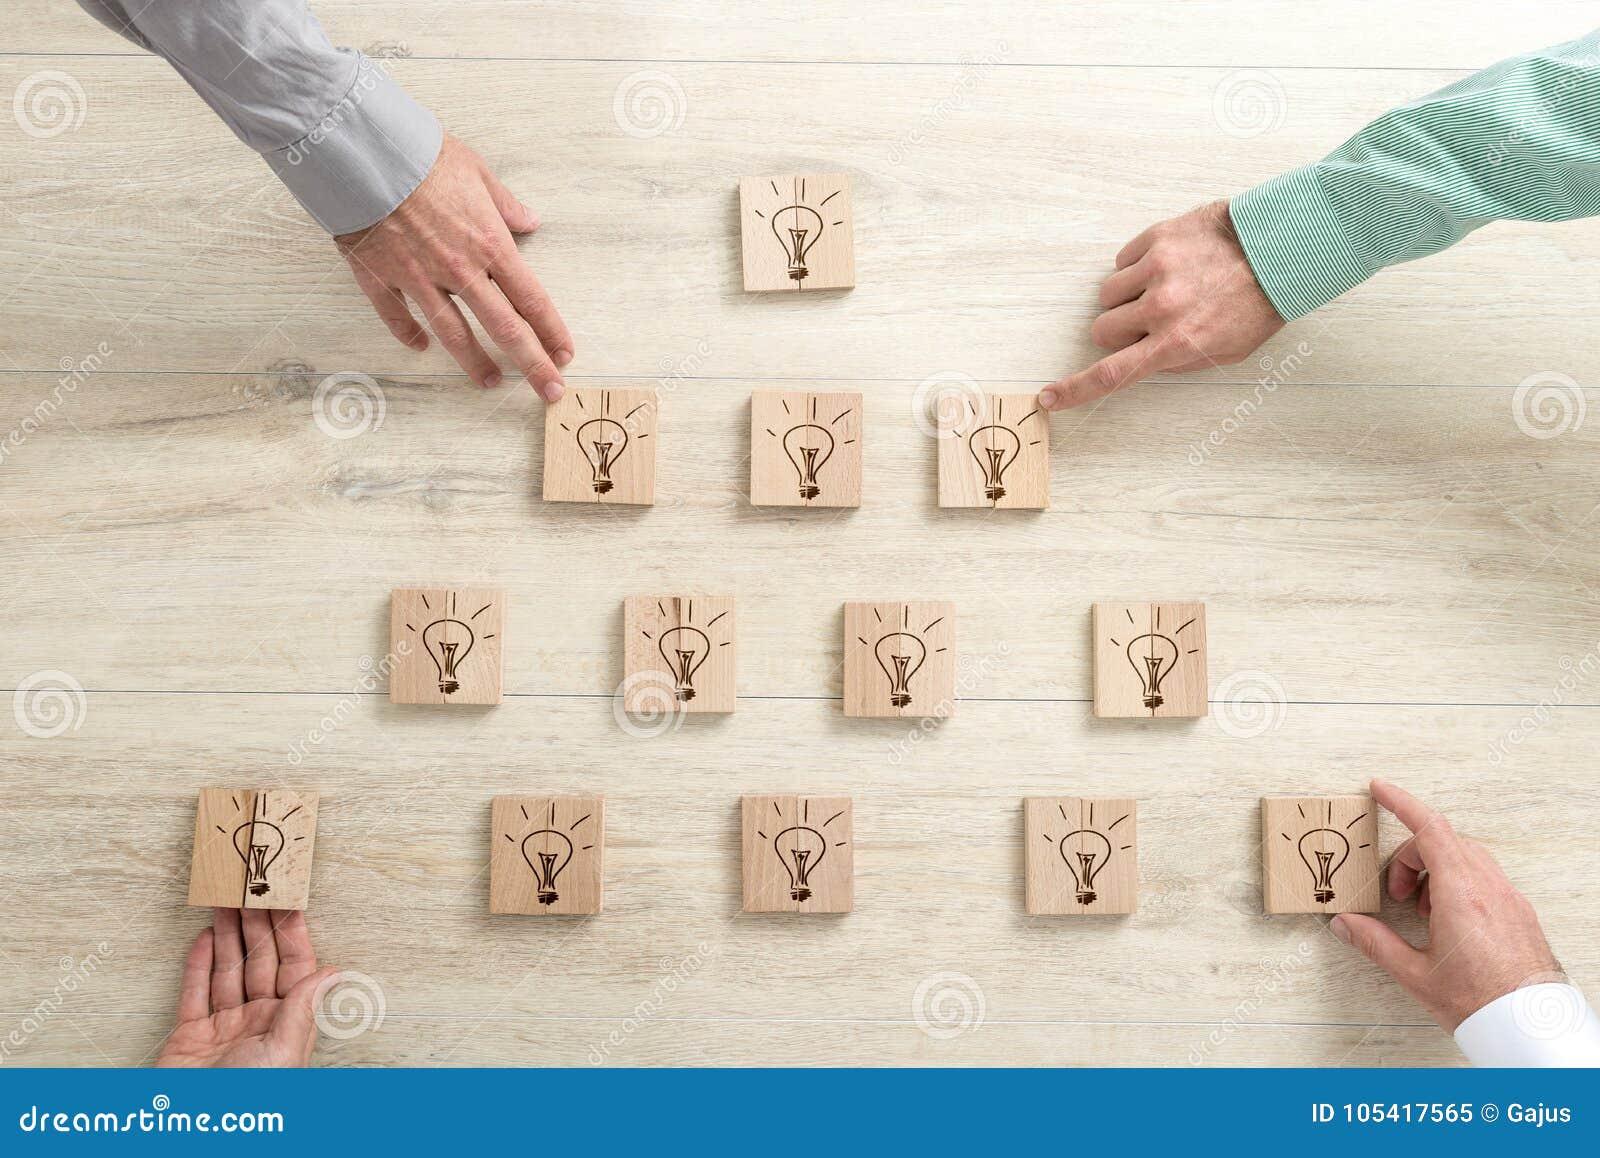 Vier bedrijfsmensen die houten blokken met gloeilampen plaatsen in a